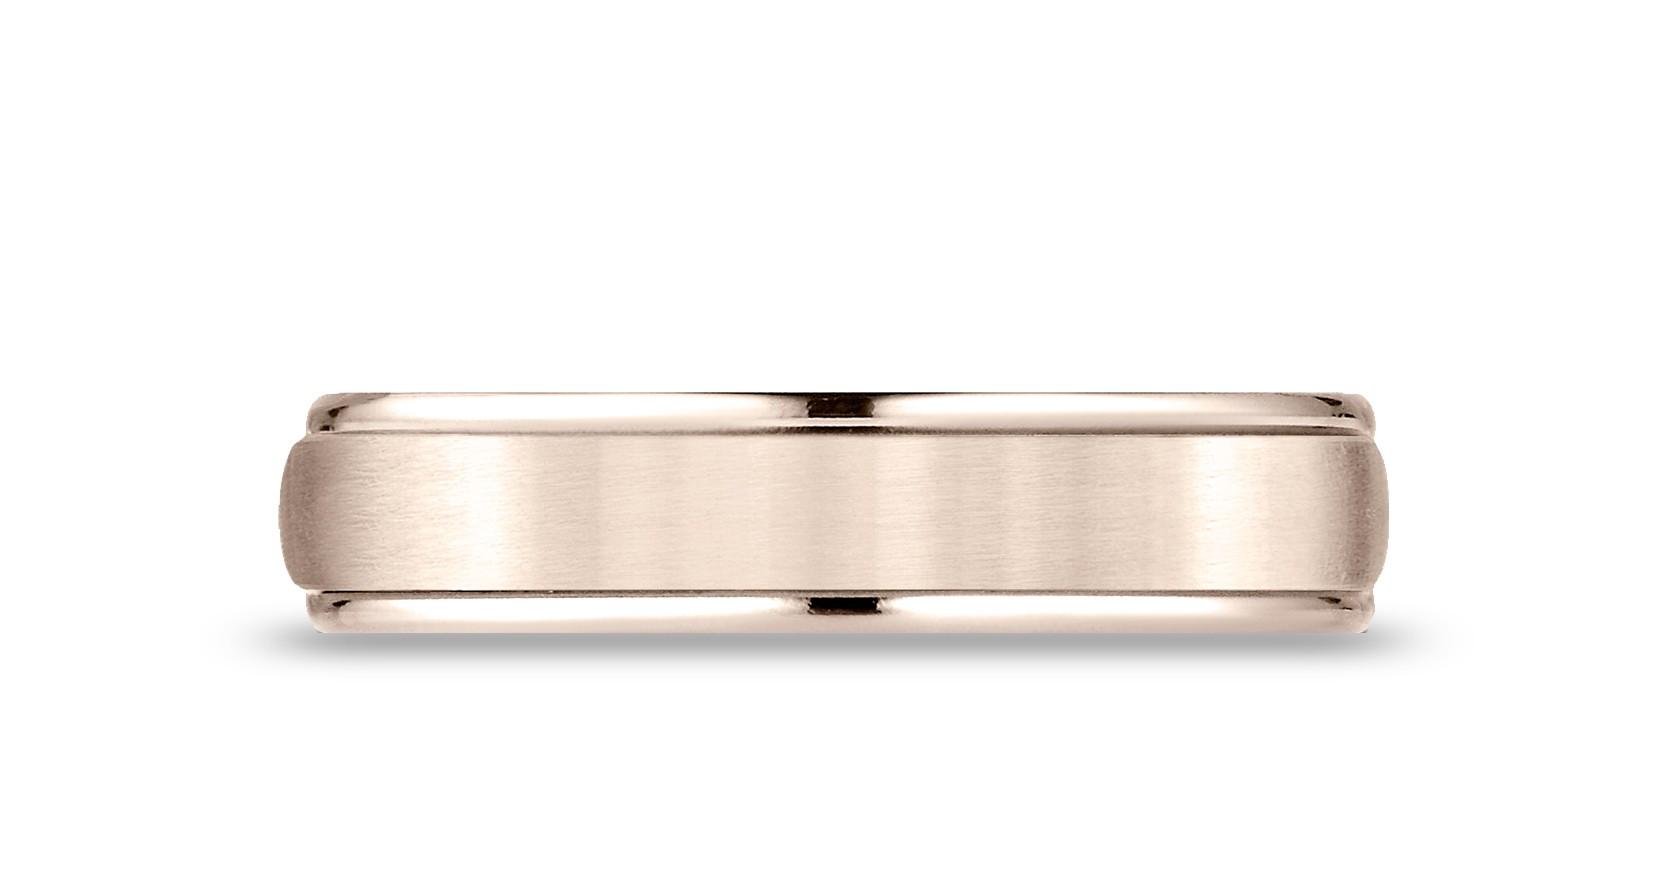 14k Rose Gold 5mm Comfort-fit Satin Finish High Polished Round Edge Carved Design Band